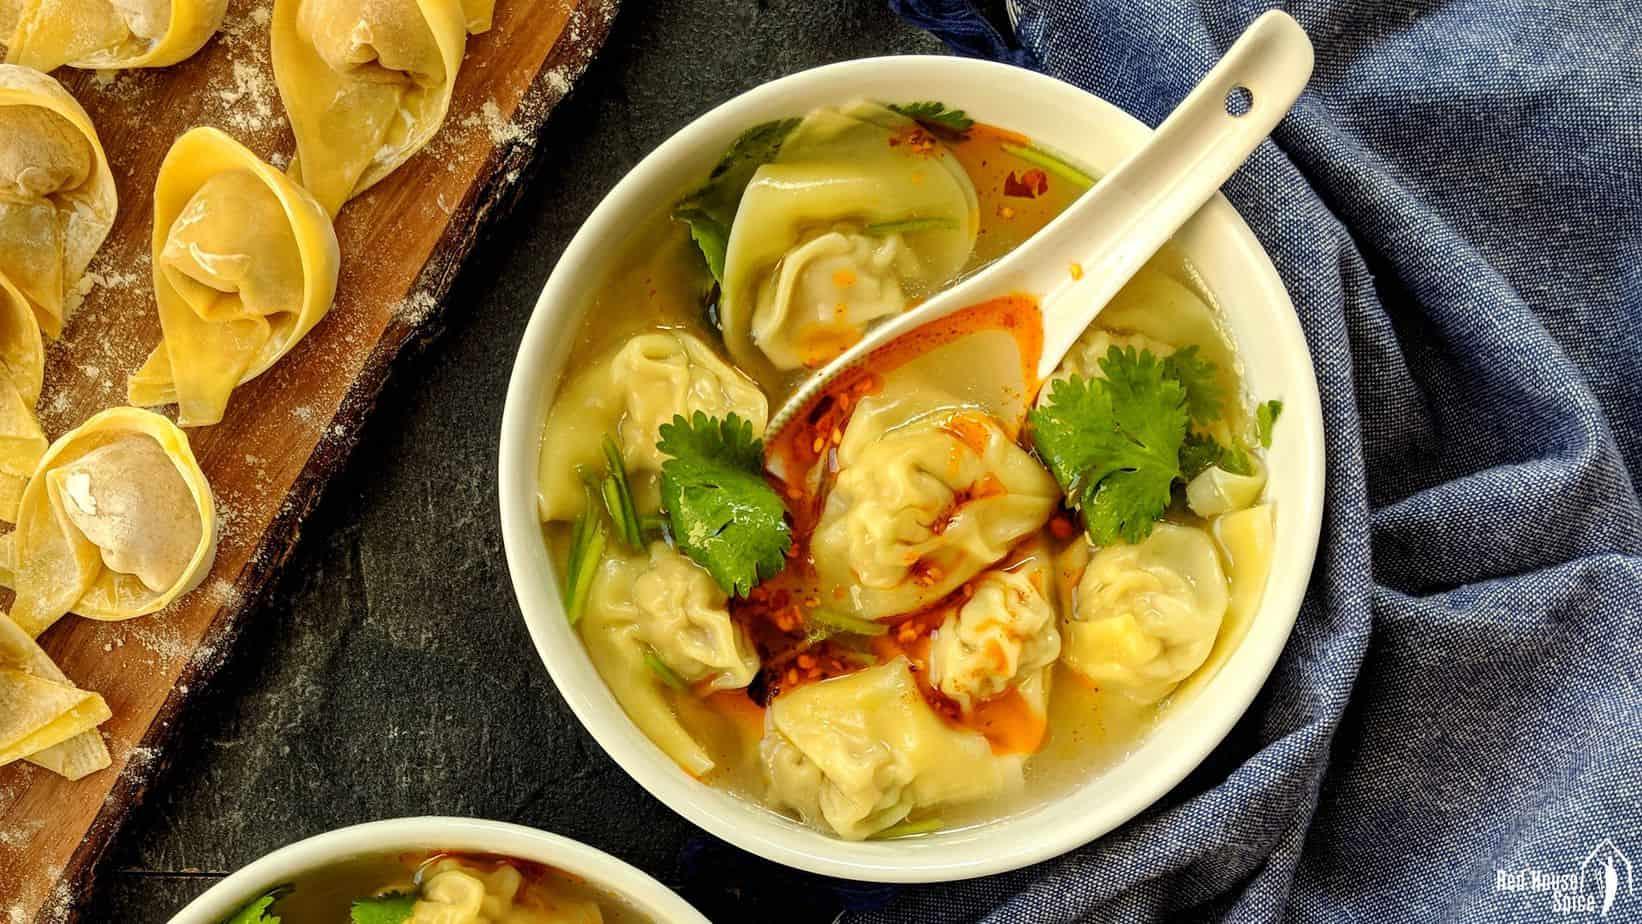 Pork wonton soup (猪肉馄饨)